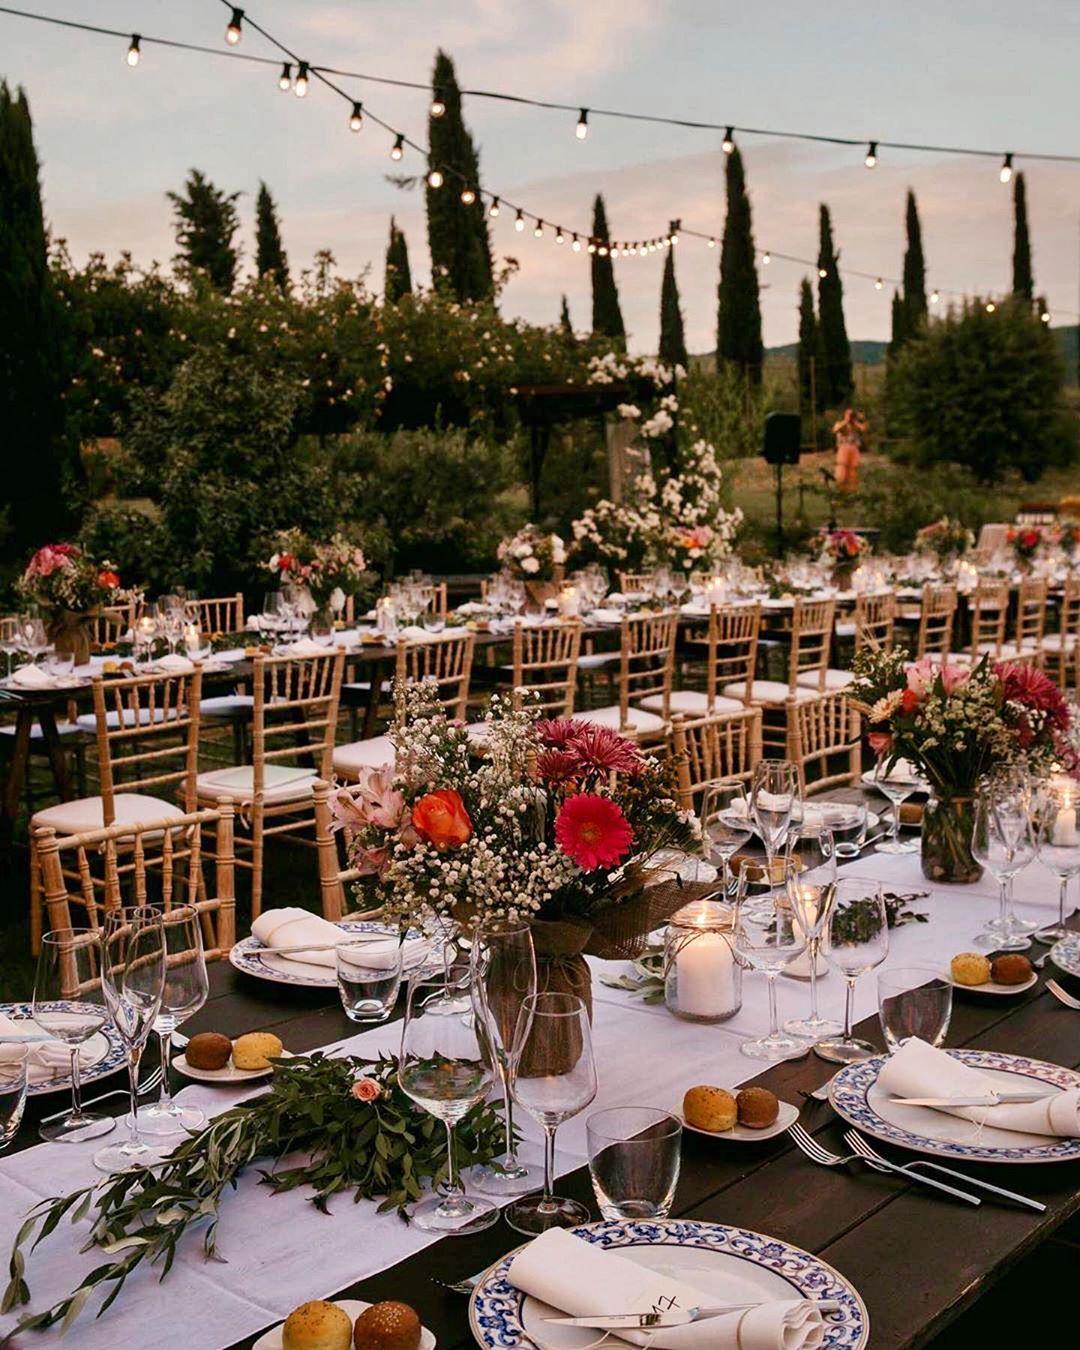 Elegant Wedding Inspiration In A Chic Pa Wedding - Weddings